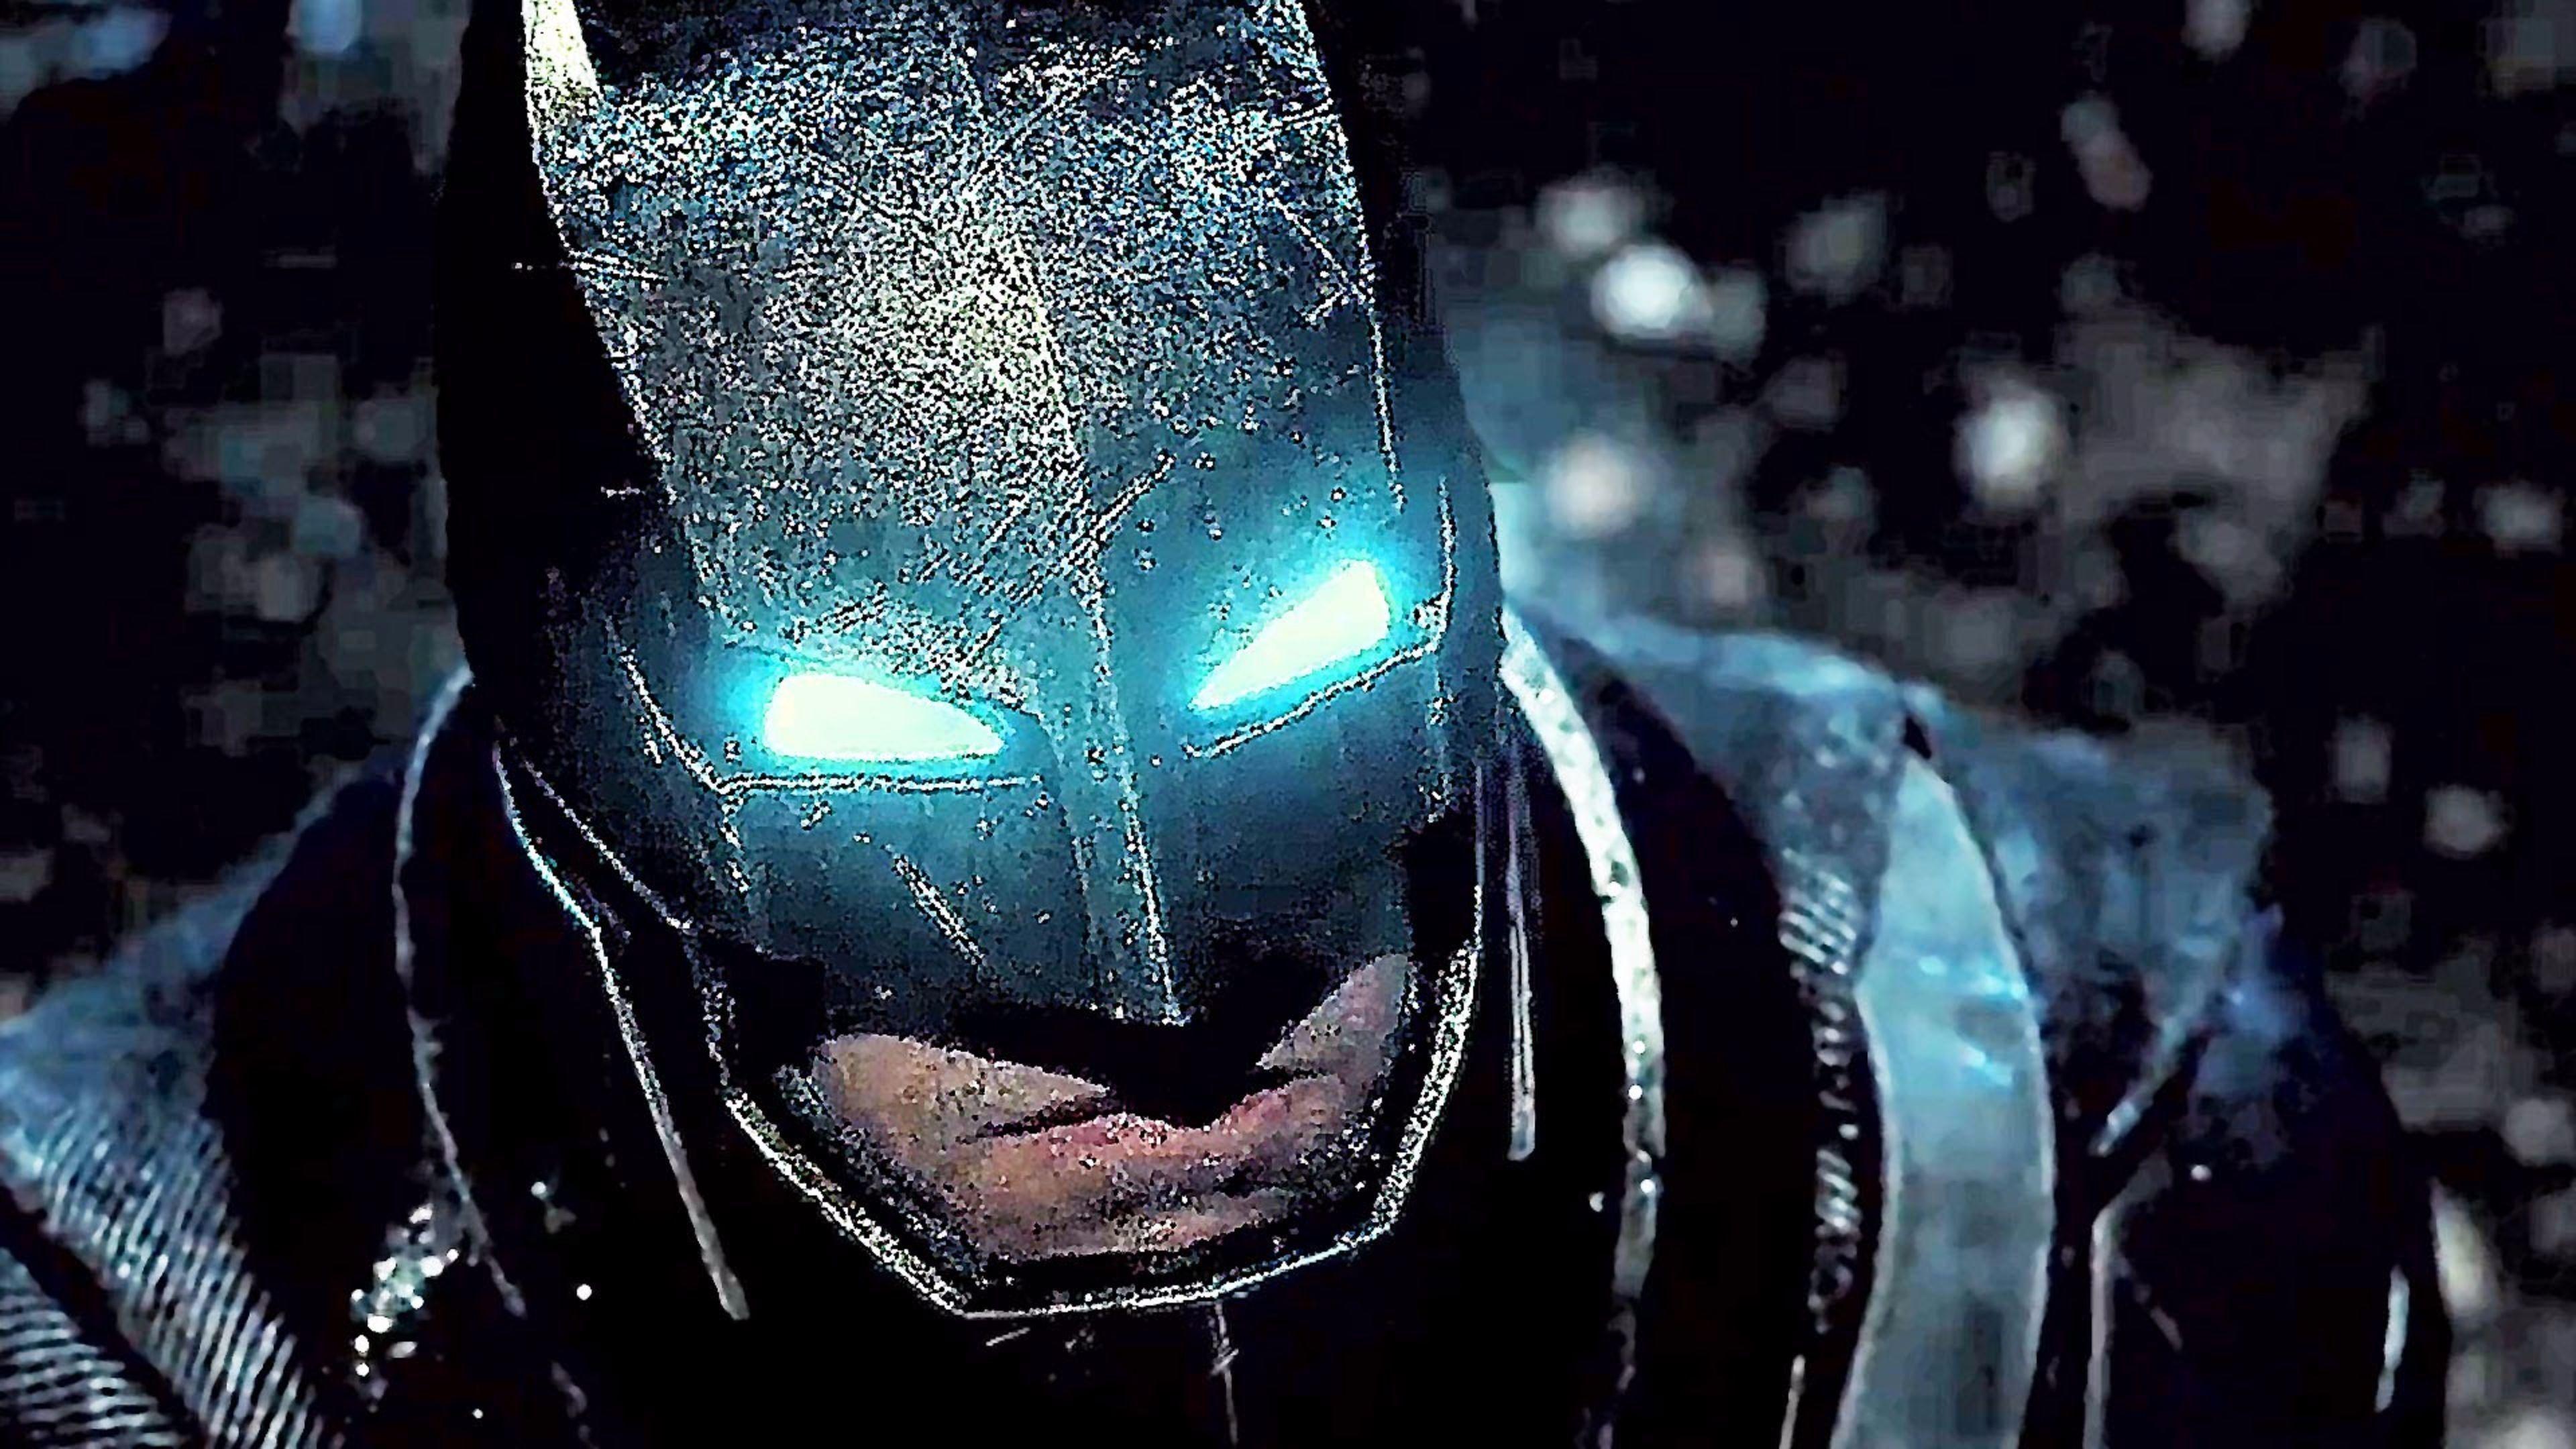 Batman V Superman 4k Wallpapers Top Free Batman V Superman 4k